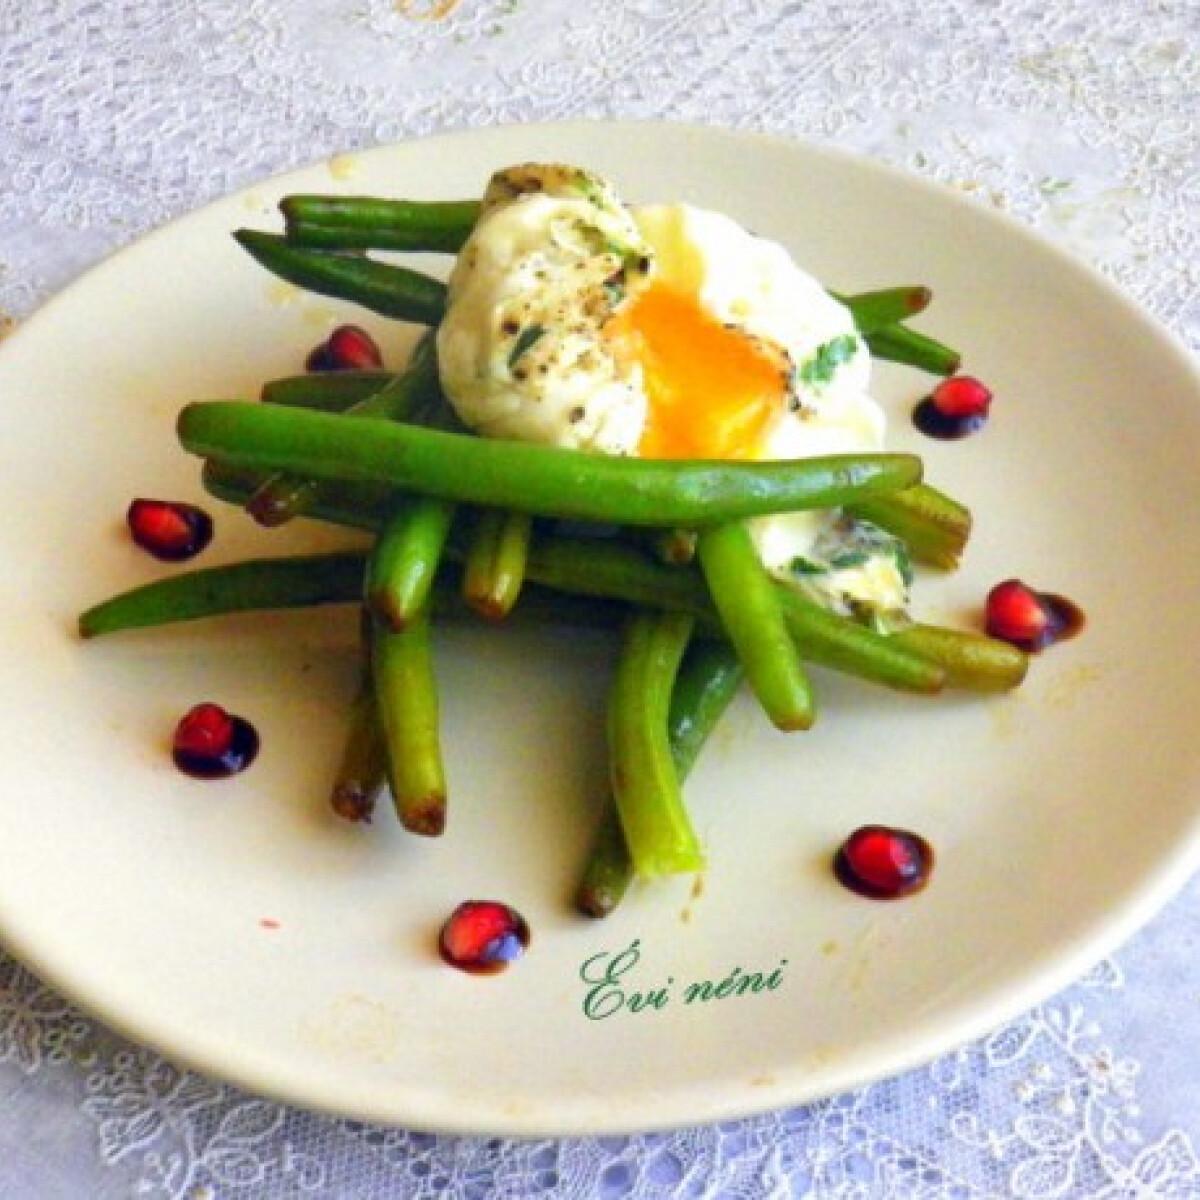 Ezen a képen: Zöldbab fűszeres lágytojással